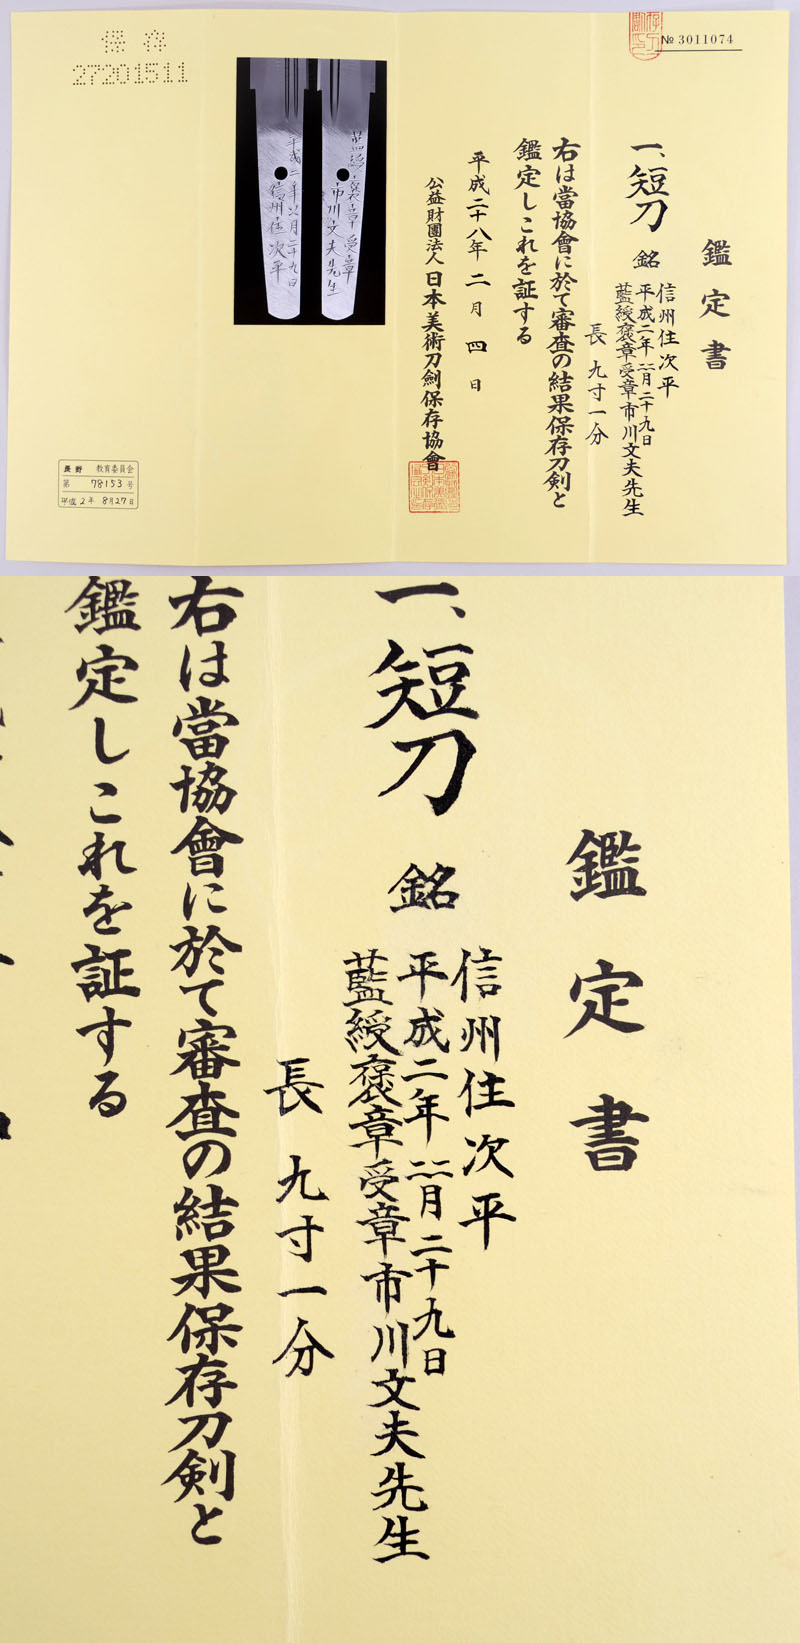 信州住次平(高橋次平) Picture of Certificate